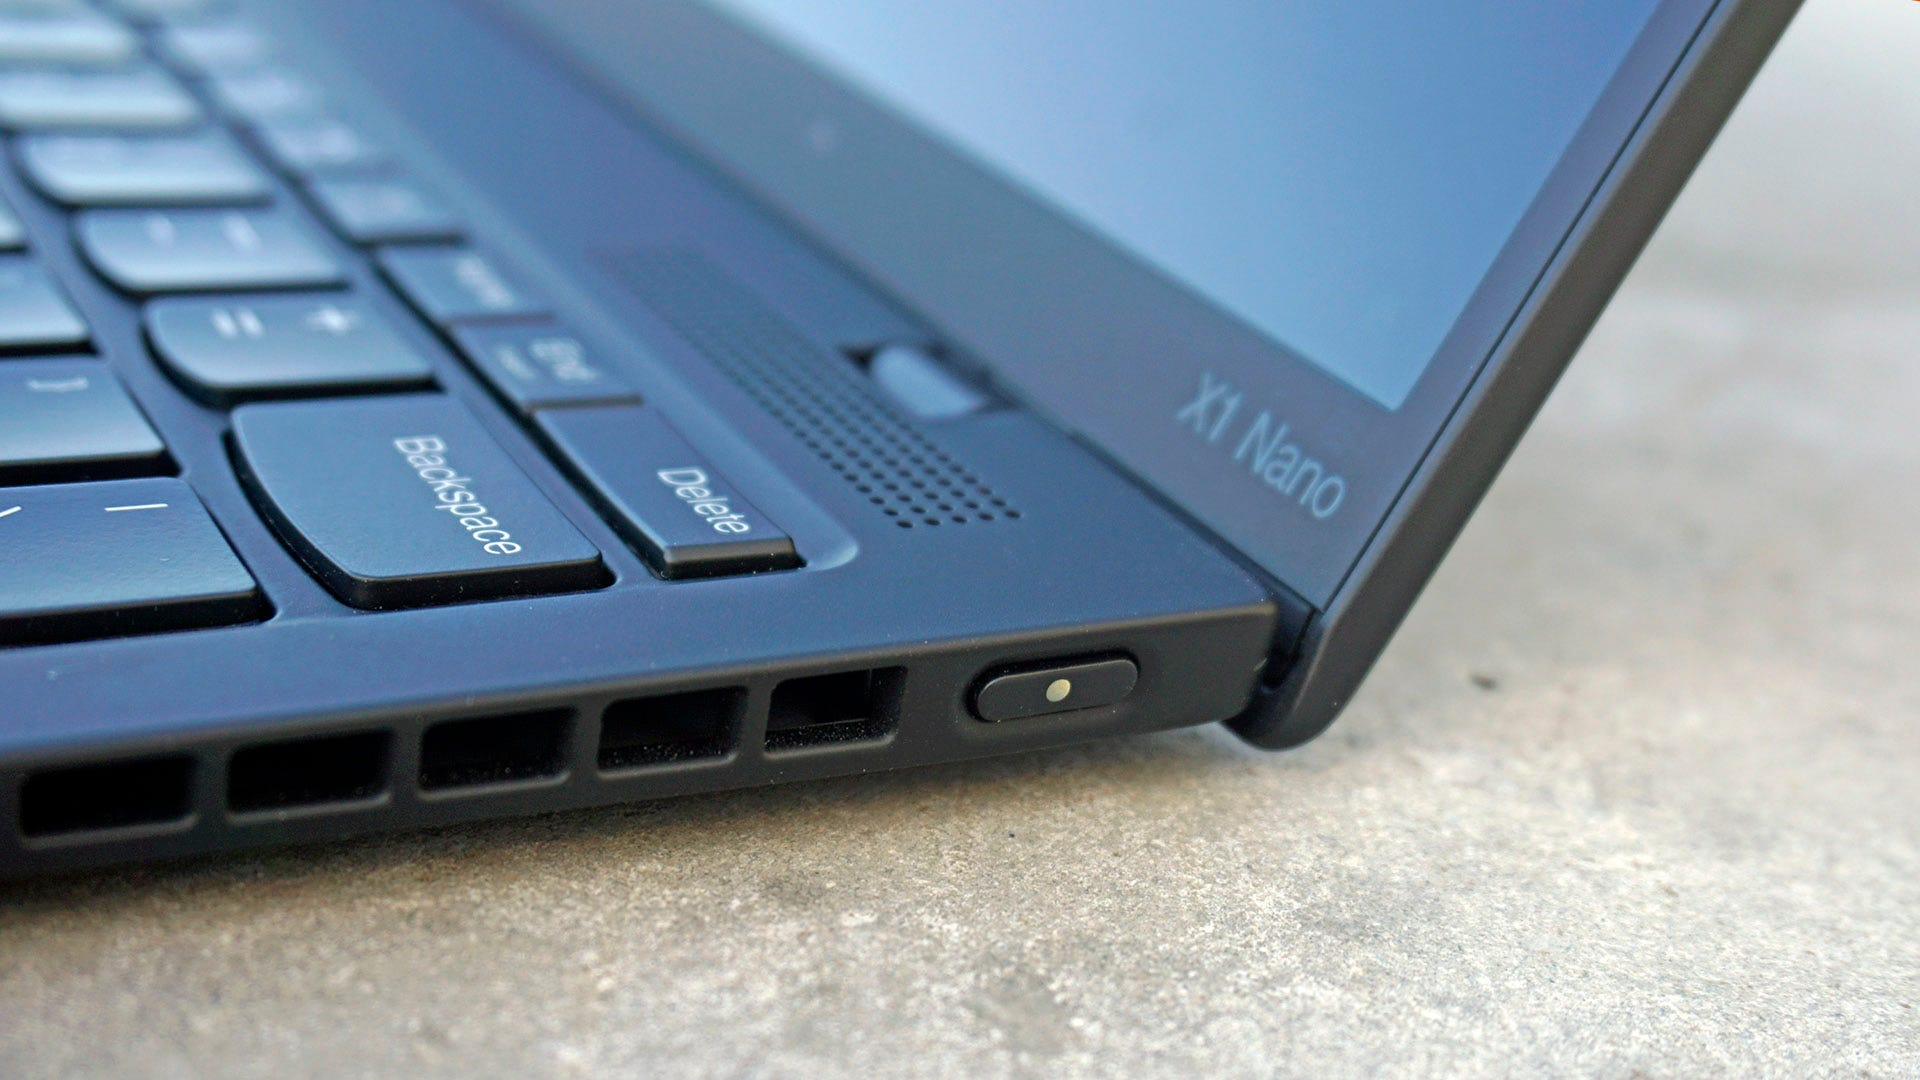 ThinkPad X1 Nano power button